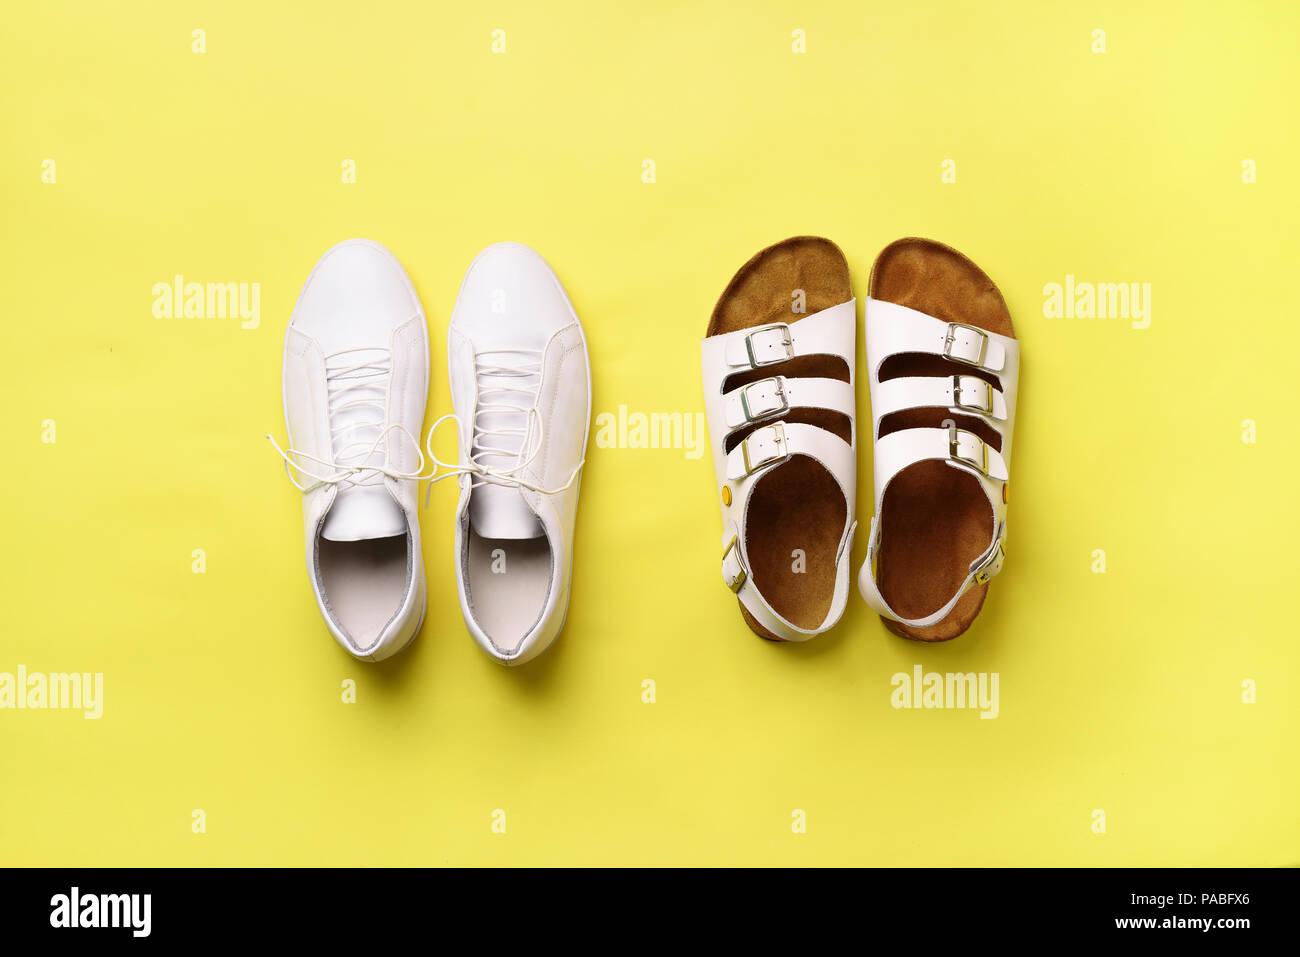 e28b3368d1f64 Estate scarpe da donna - sandali Birkenstock () e cuoio sneakers su sfondo  giallo con copia spazio. Vista dall alto. Piatto Minamil laici.